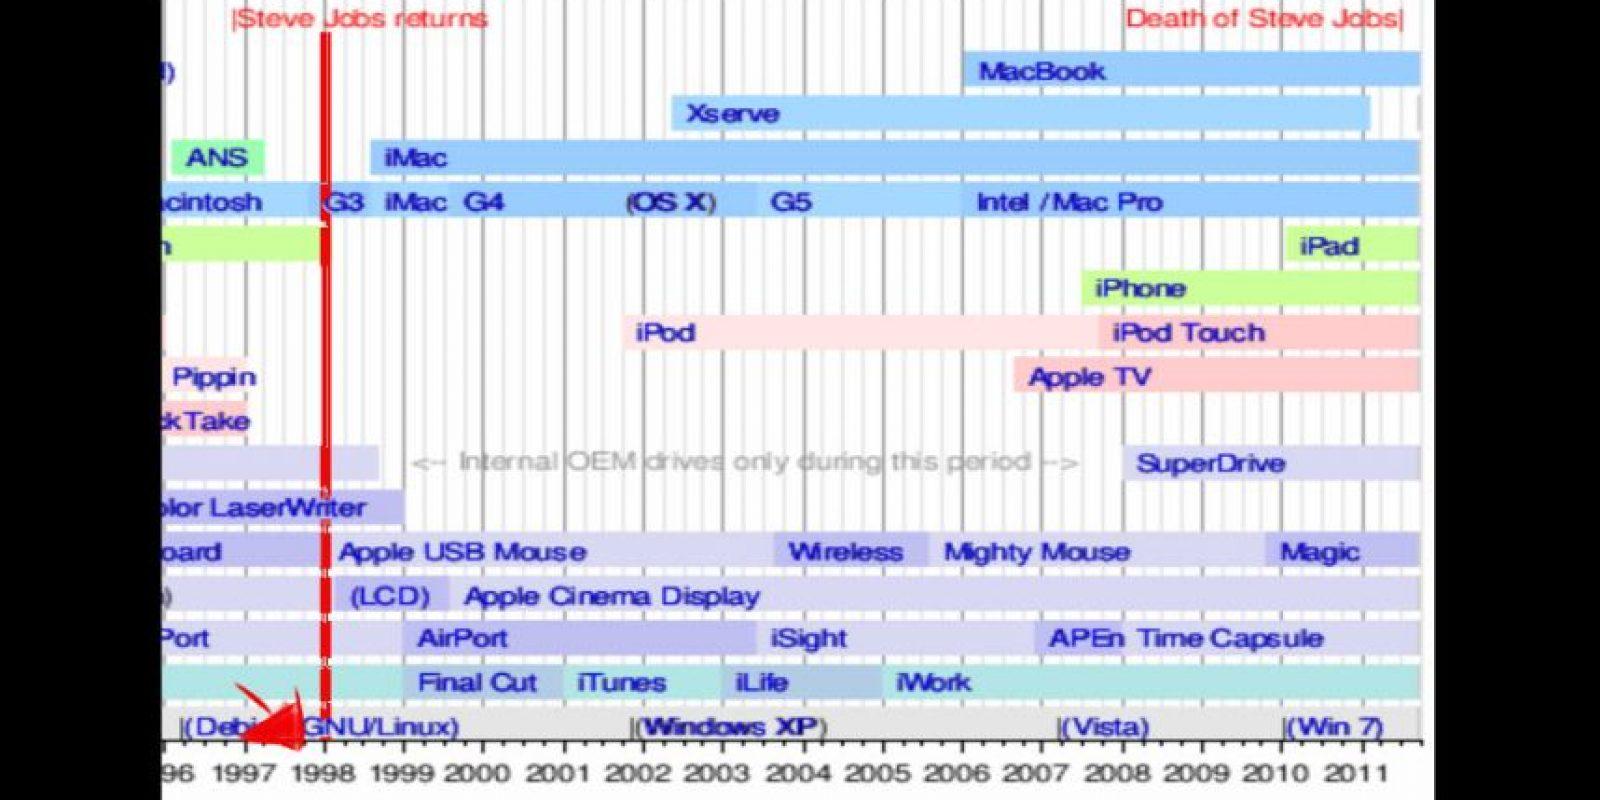 Línea del tiempo (la inversión de la pareja ocurrió antes de que se inventara el iPod o la MacBook) Foto:Wikicommons